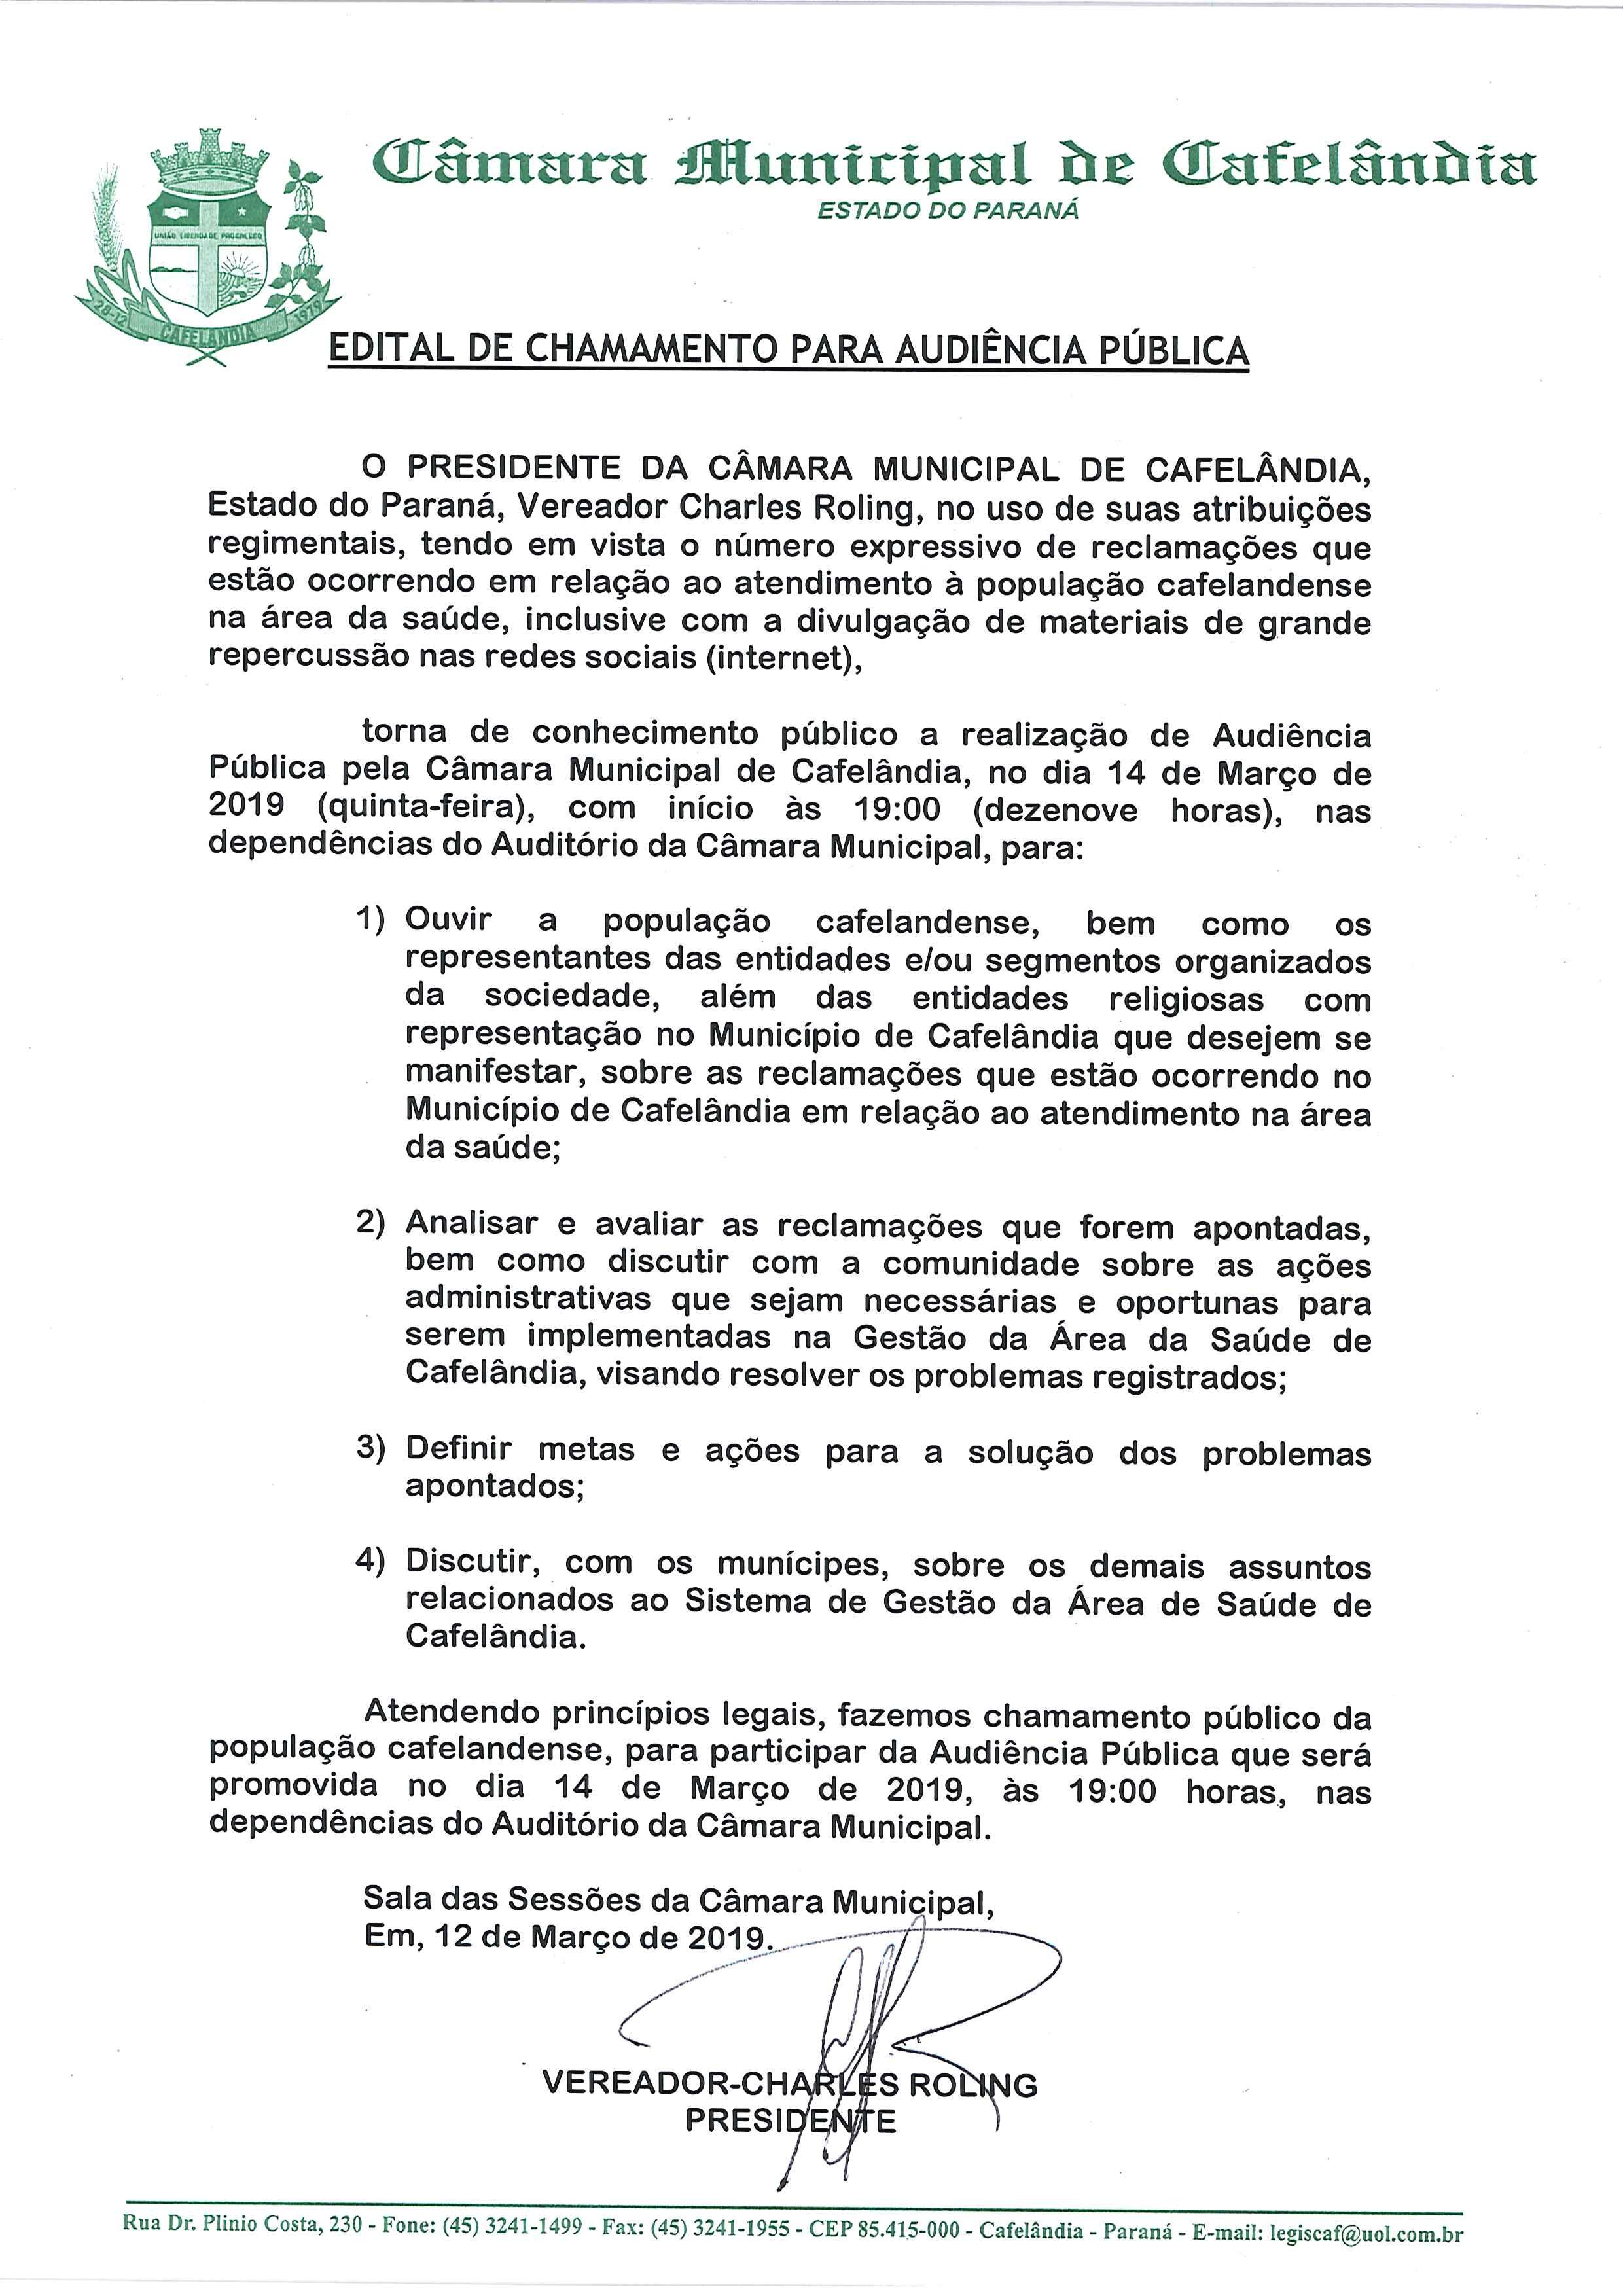 A Câmara Municipal Convida a Todos para participarem da Audiência Pública sobre a Saúde